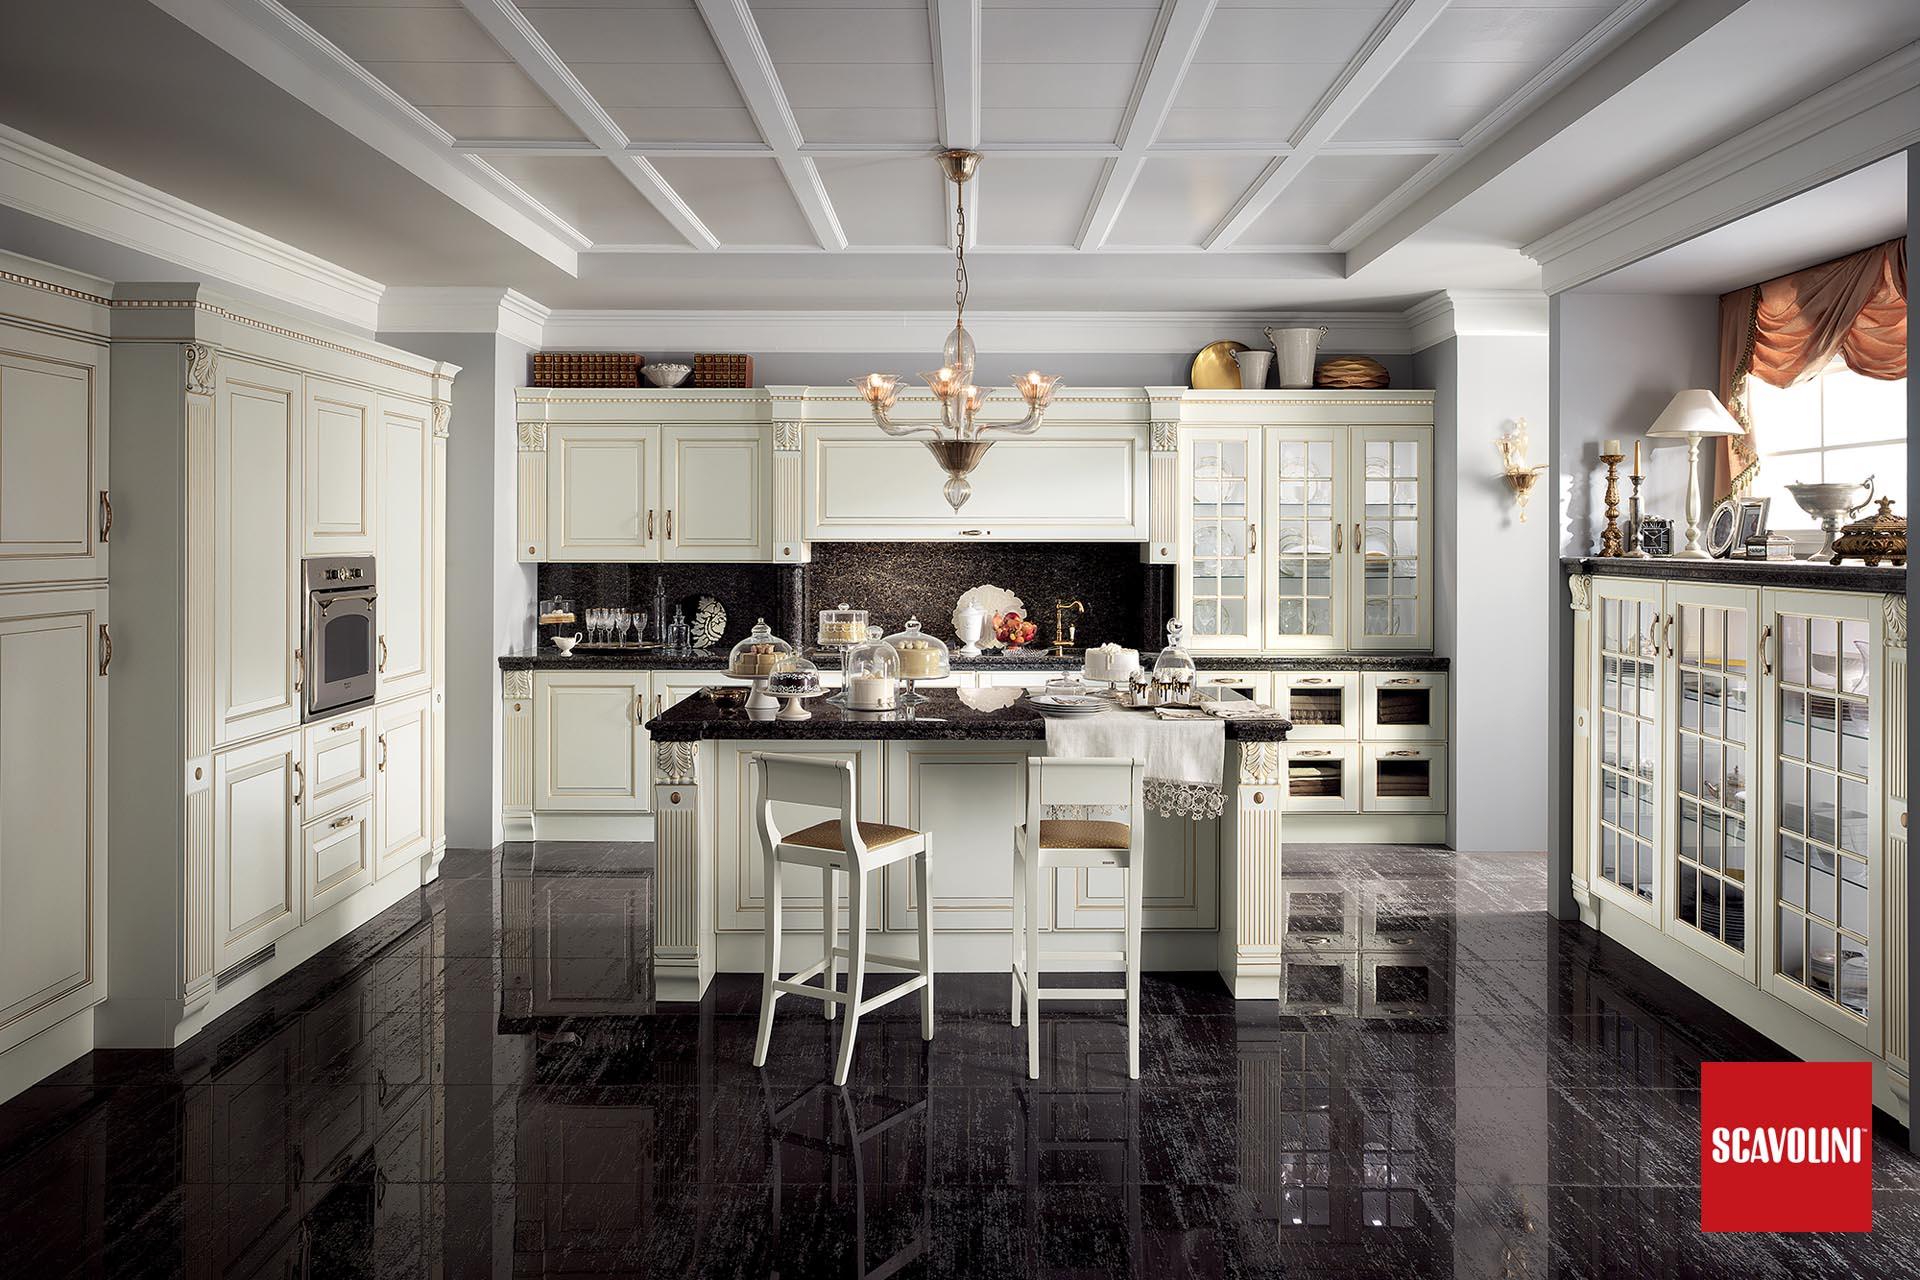 Home - Conte Arredamenti - Mobili e interior design per il ...